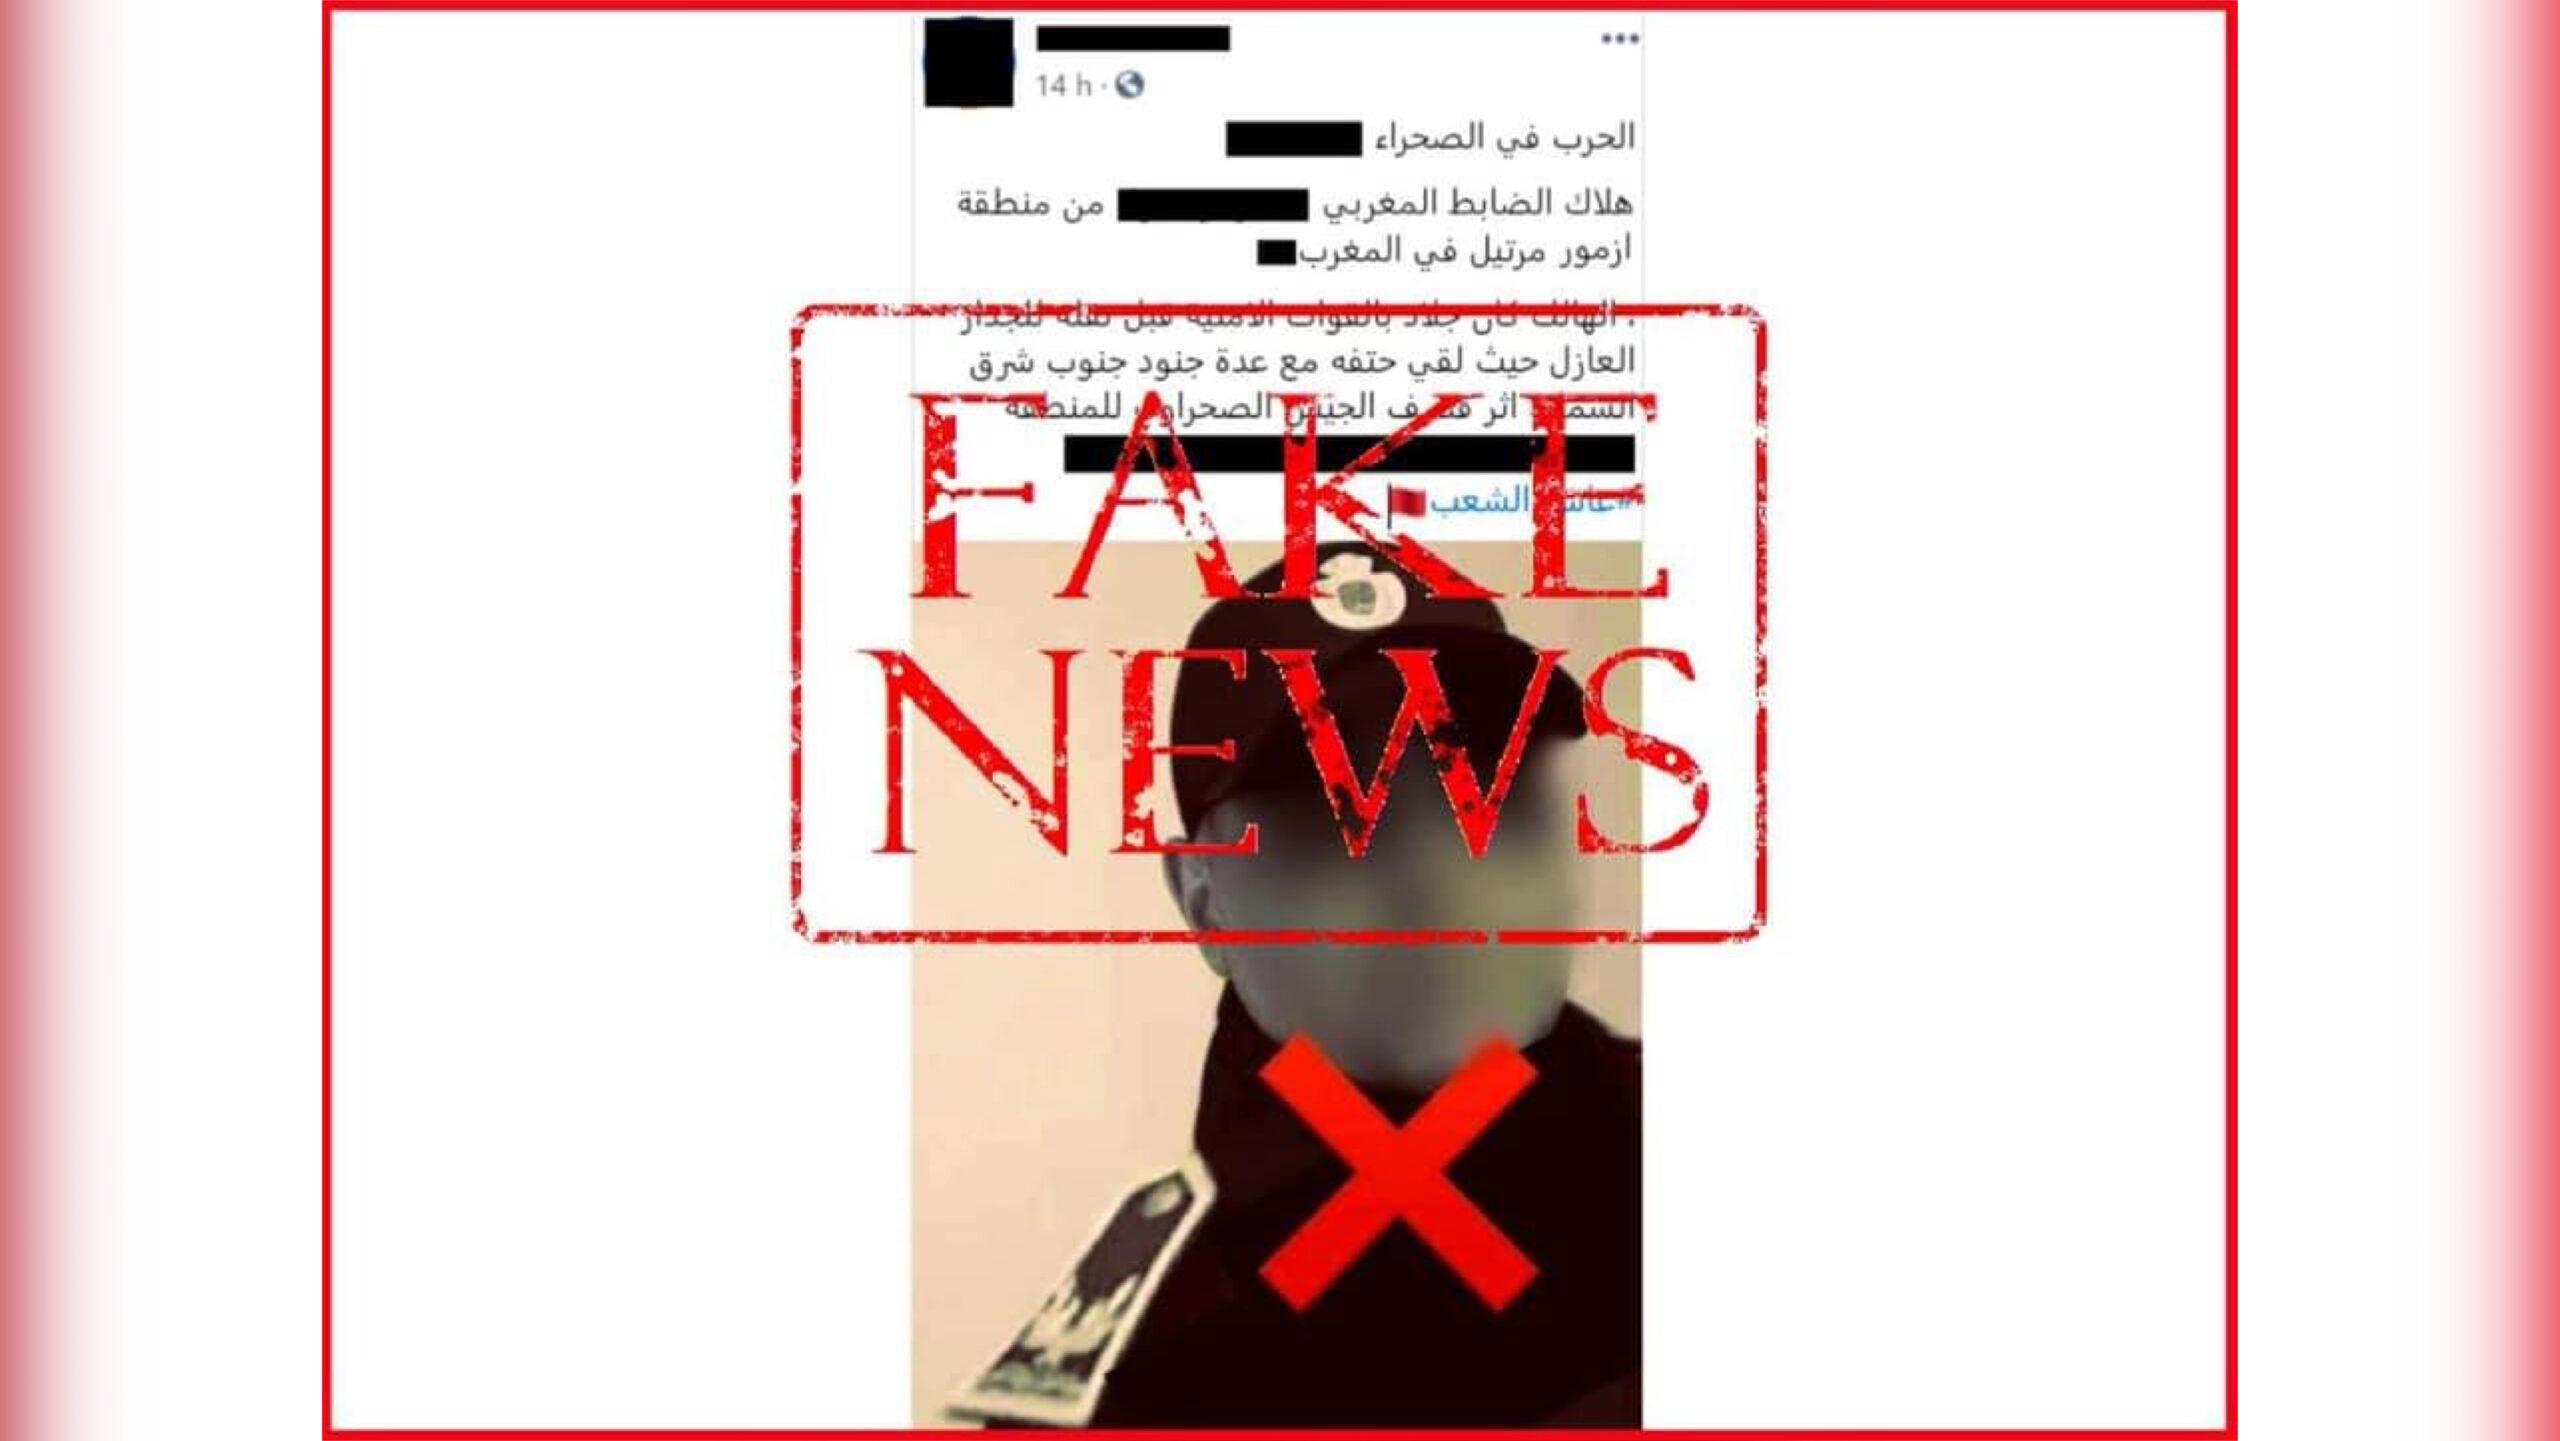 صورة مديرية الأمن تنفي صحة تدوينة حول وفاة ضابط شرطة جراء القصف الوهمي بالصحراء المغربية